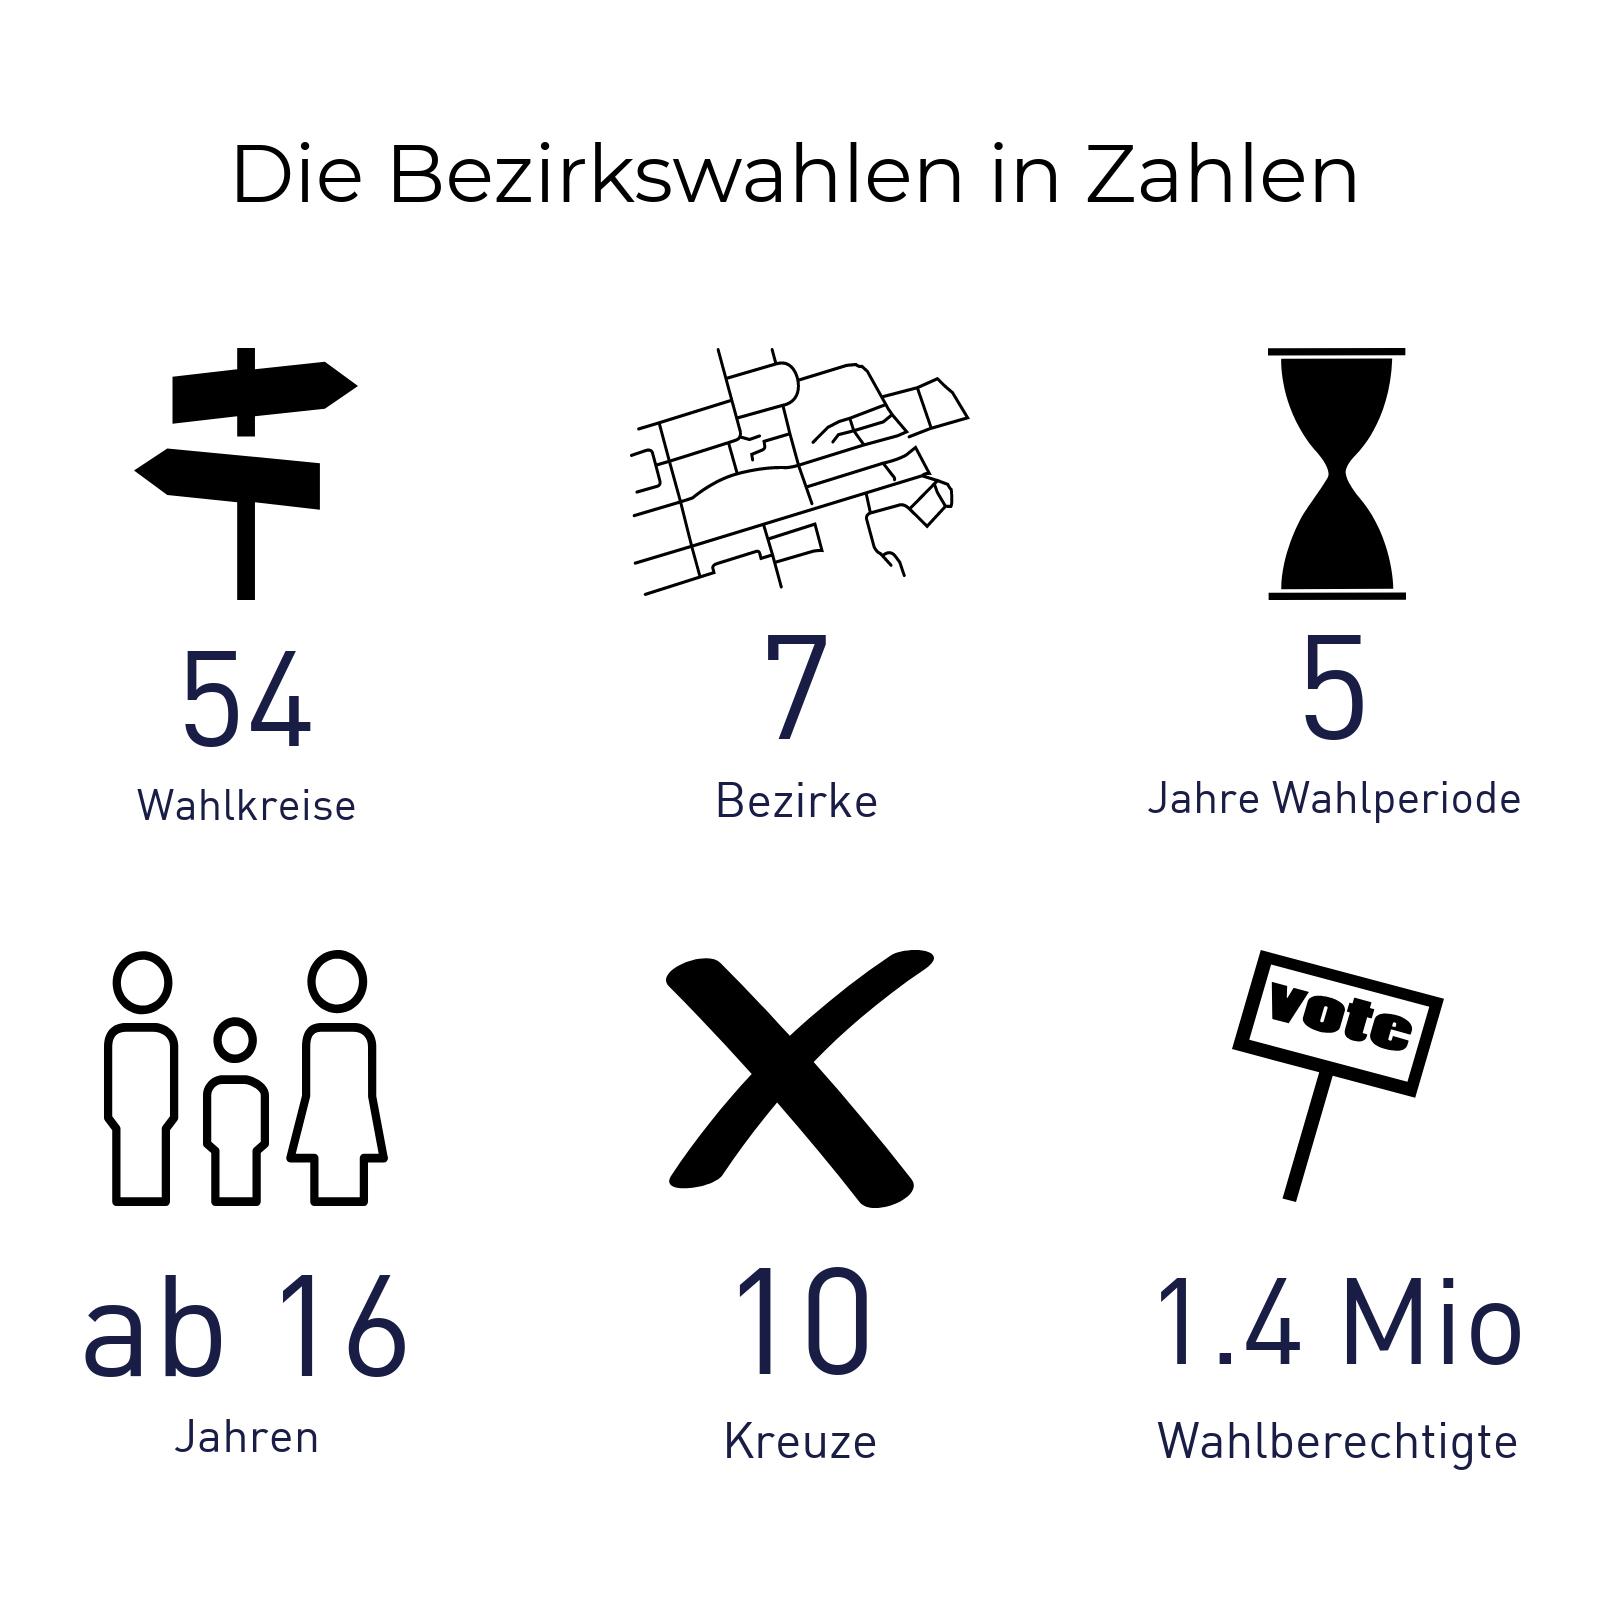 Die Hamburger Bezirkswahlen in Zahlen: 54 Wahlkreise, 7 Bezirke, 5 Jahre Wahlperiode, ab 16 Jahren wahlberechtigt, 10 Kreuze, 1.4 Millionen Wahlberechtigte